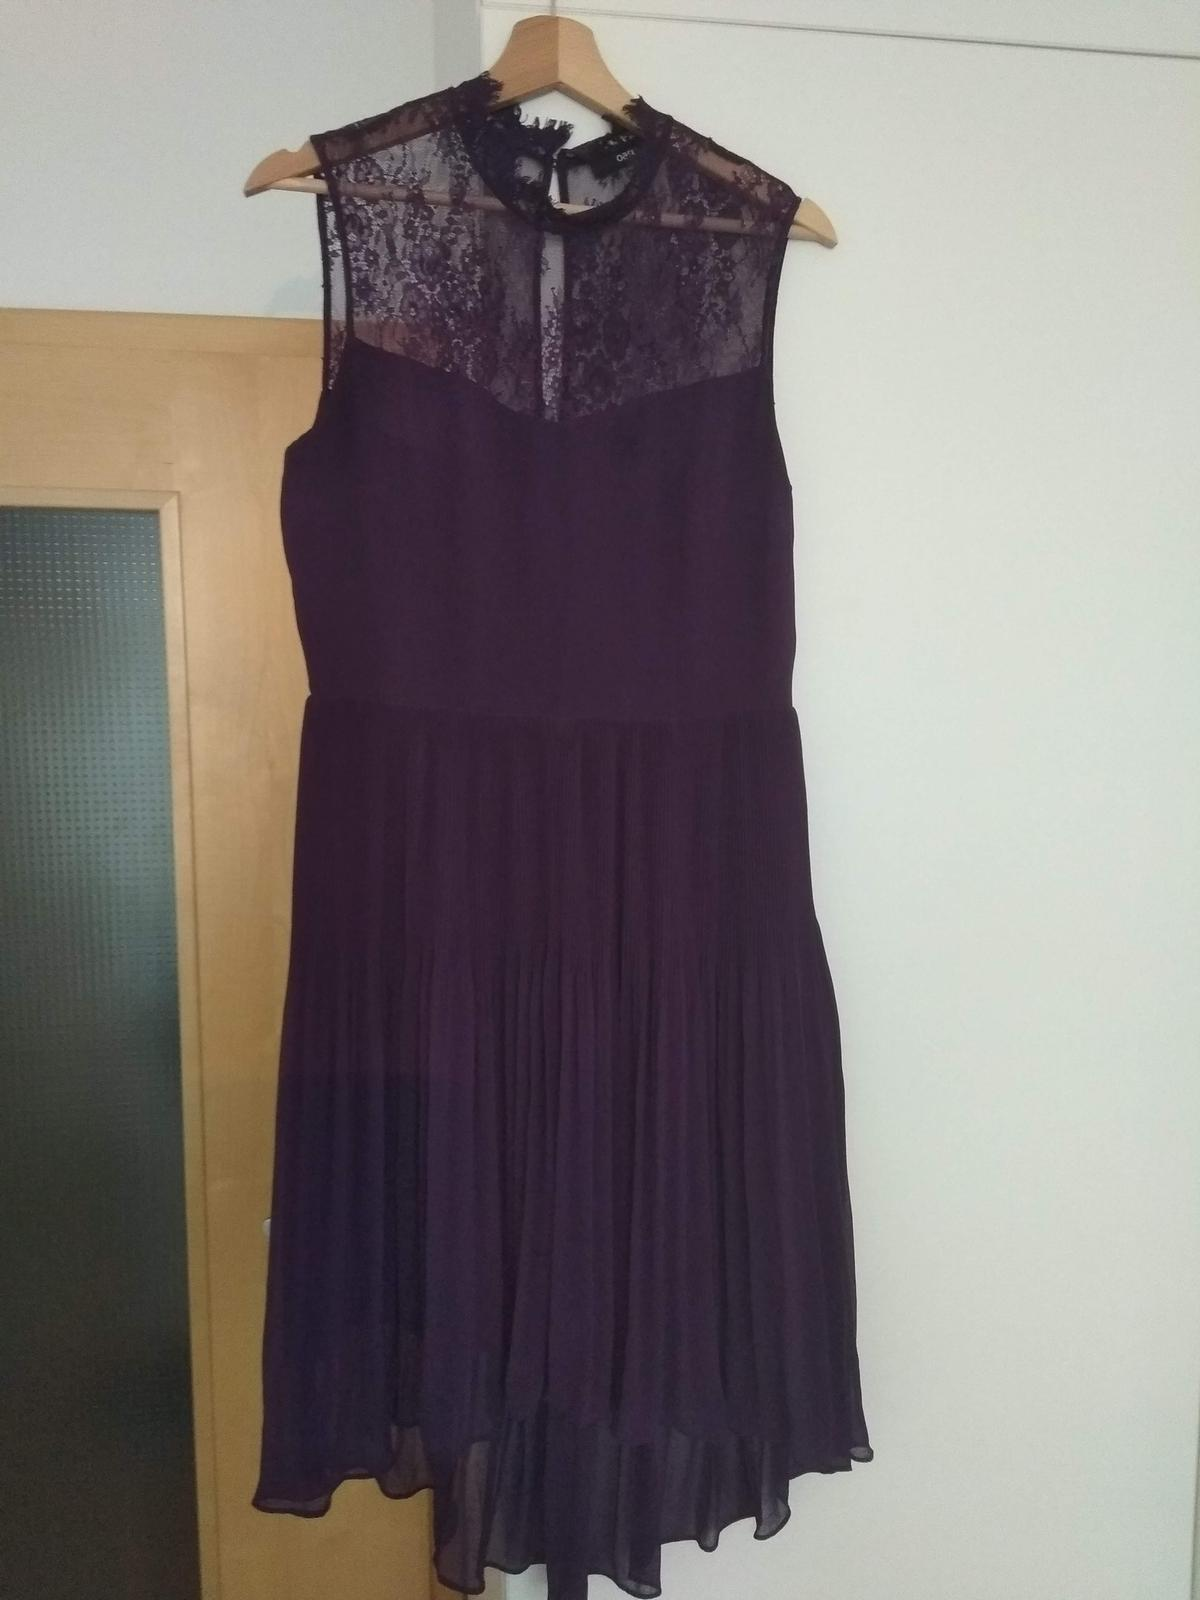 Fialové společenské šaty  - Obrázek č. 1